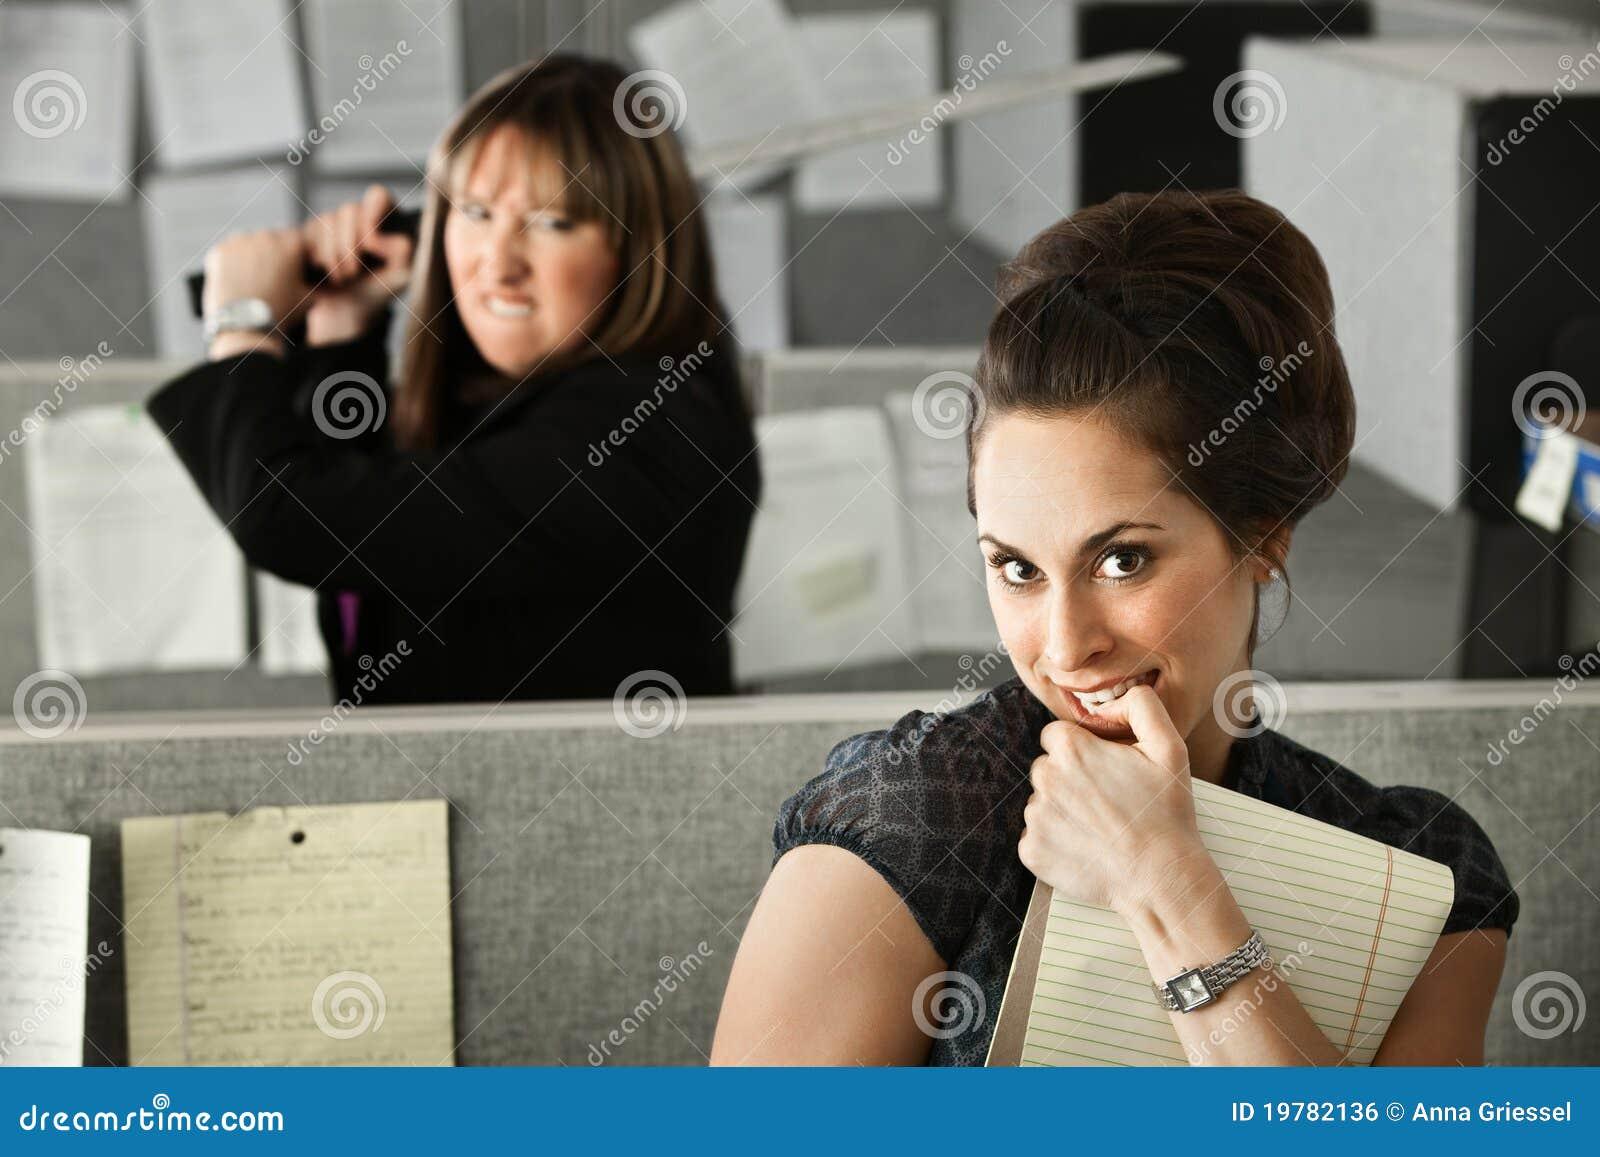 Medarbetare som hotar kvinnan